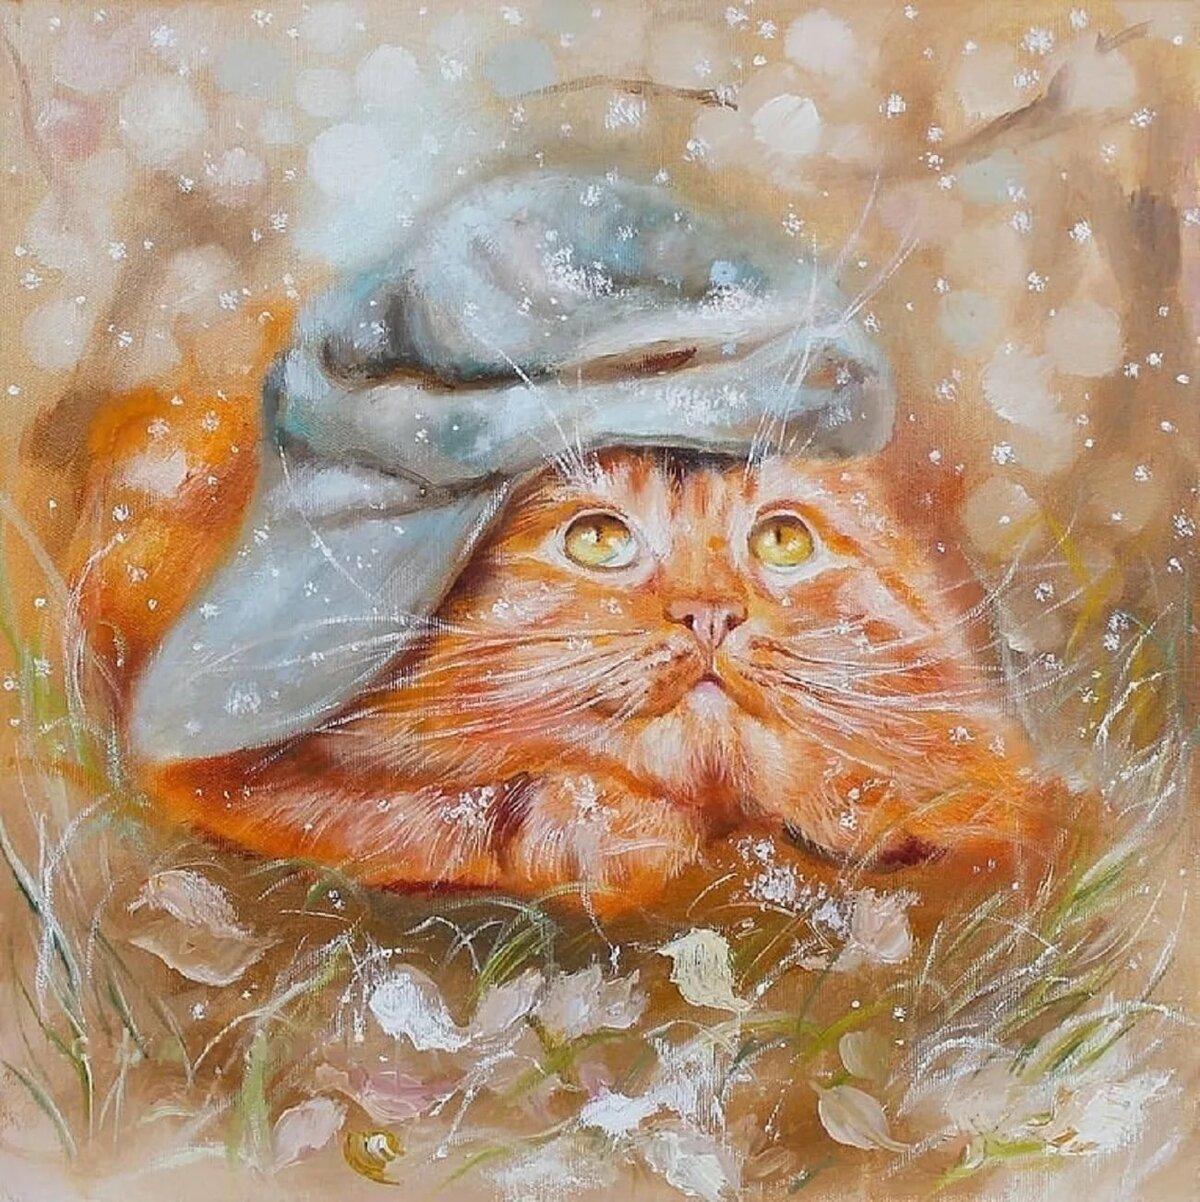 его теплая картинка рисунок открытки весна